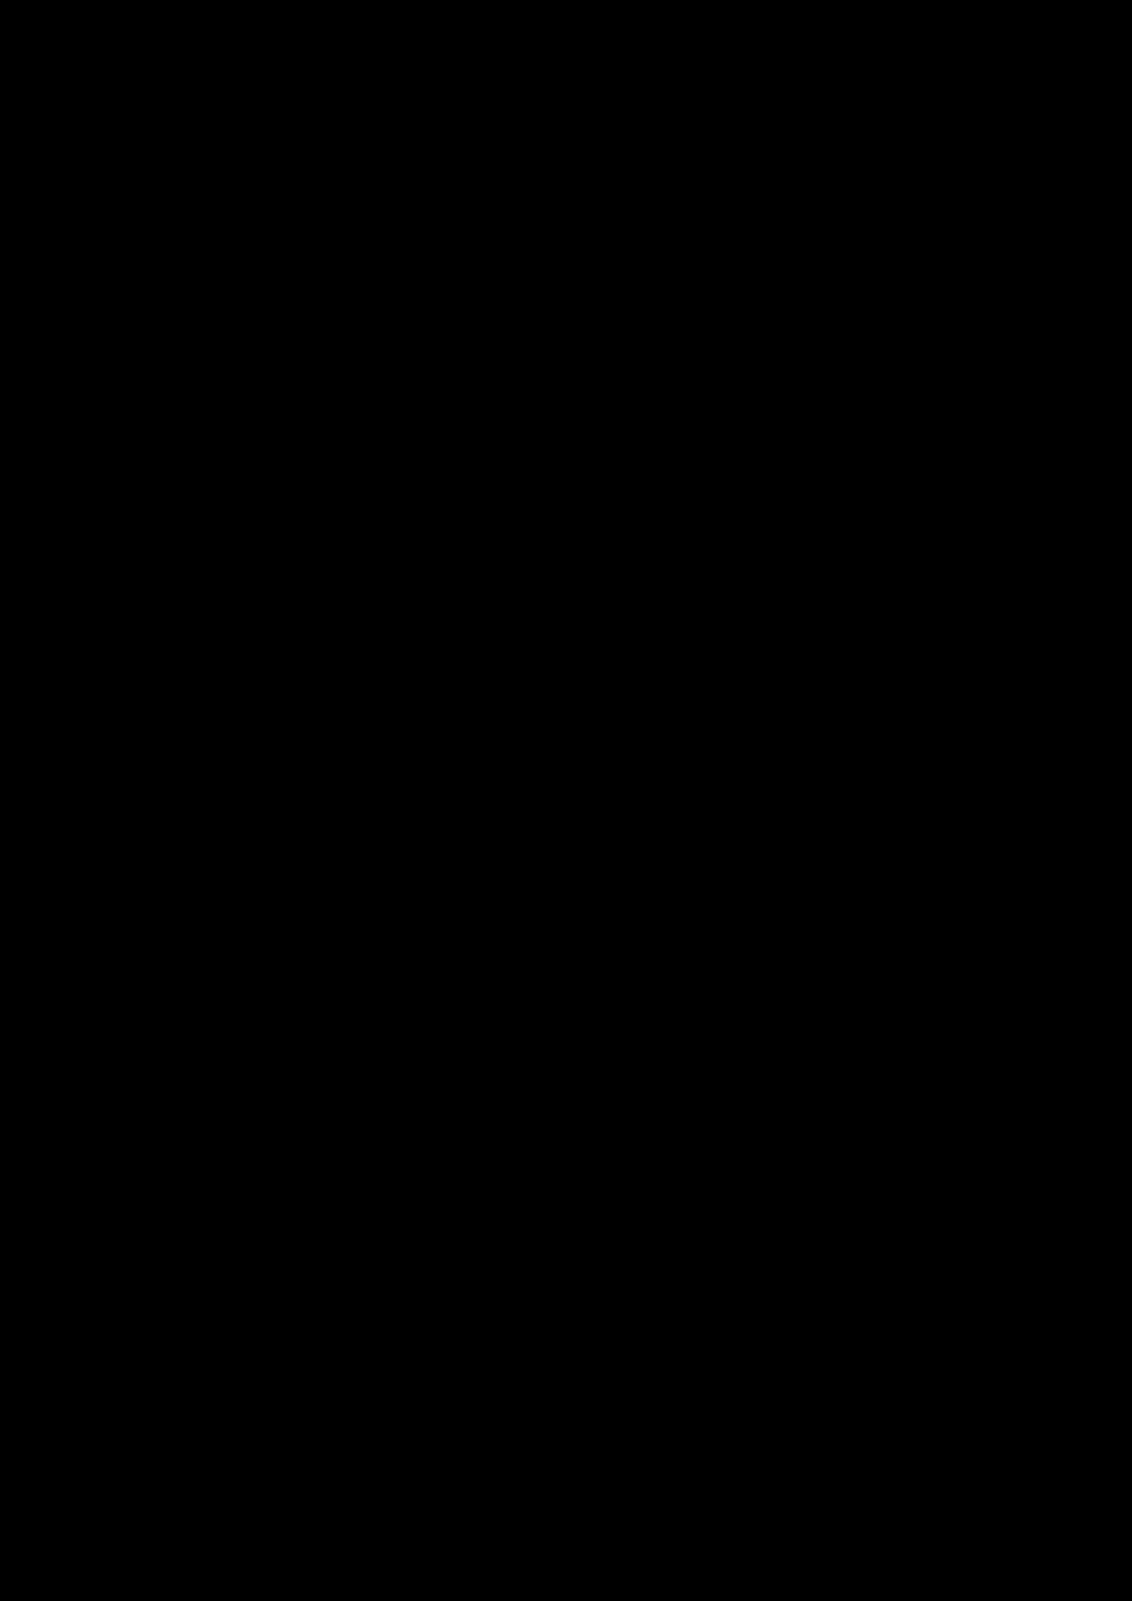 Proschanie s volshebnoy stranoy slide, Image 45